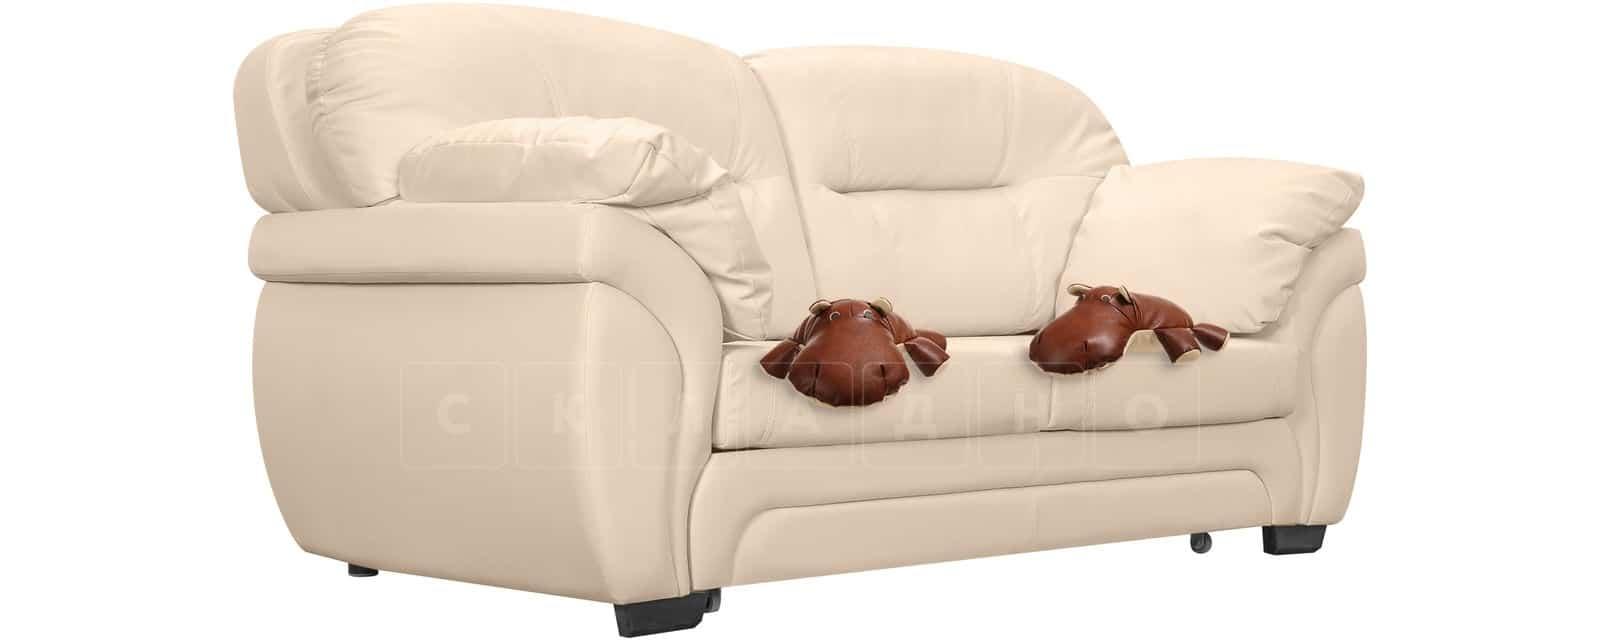 Диван Бристоль кожаный бежевого цвета фото 5 | интернет-магазин Складно